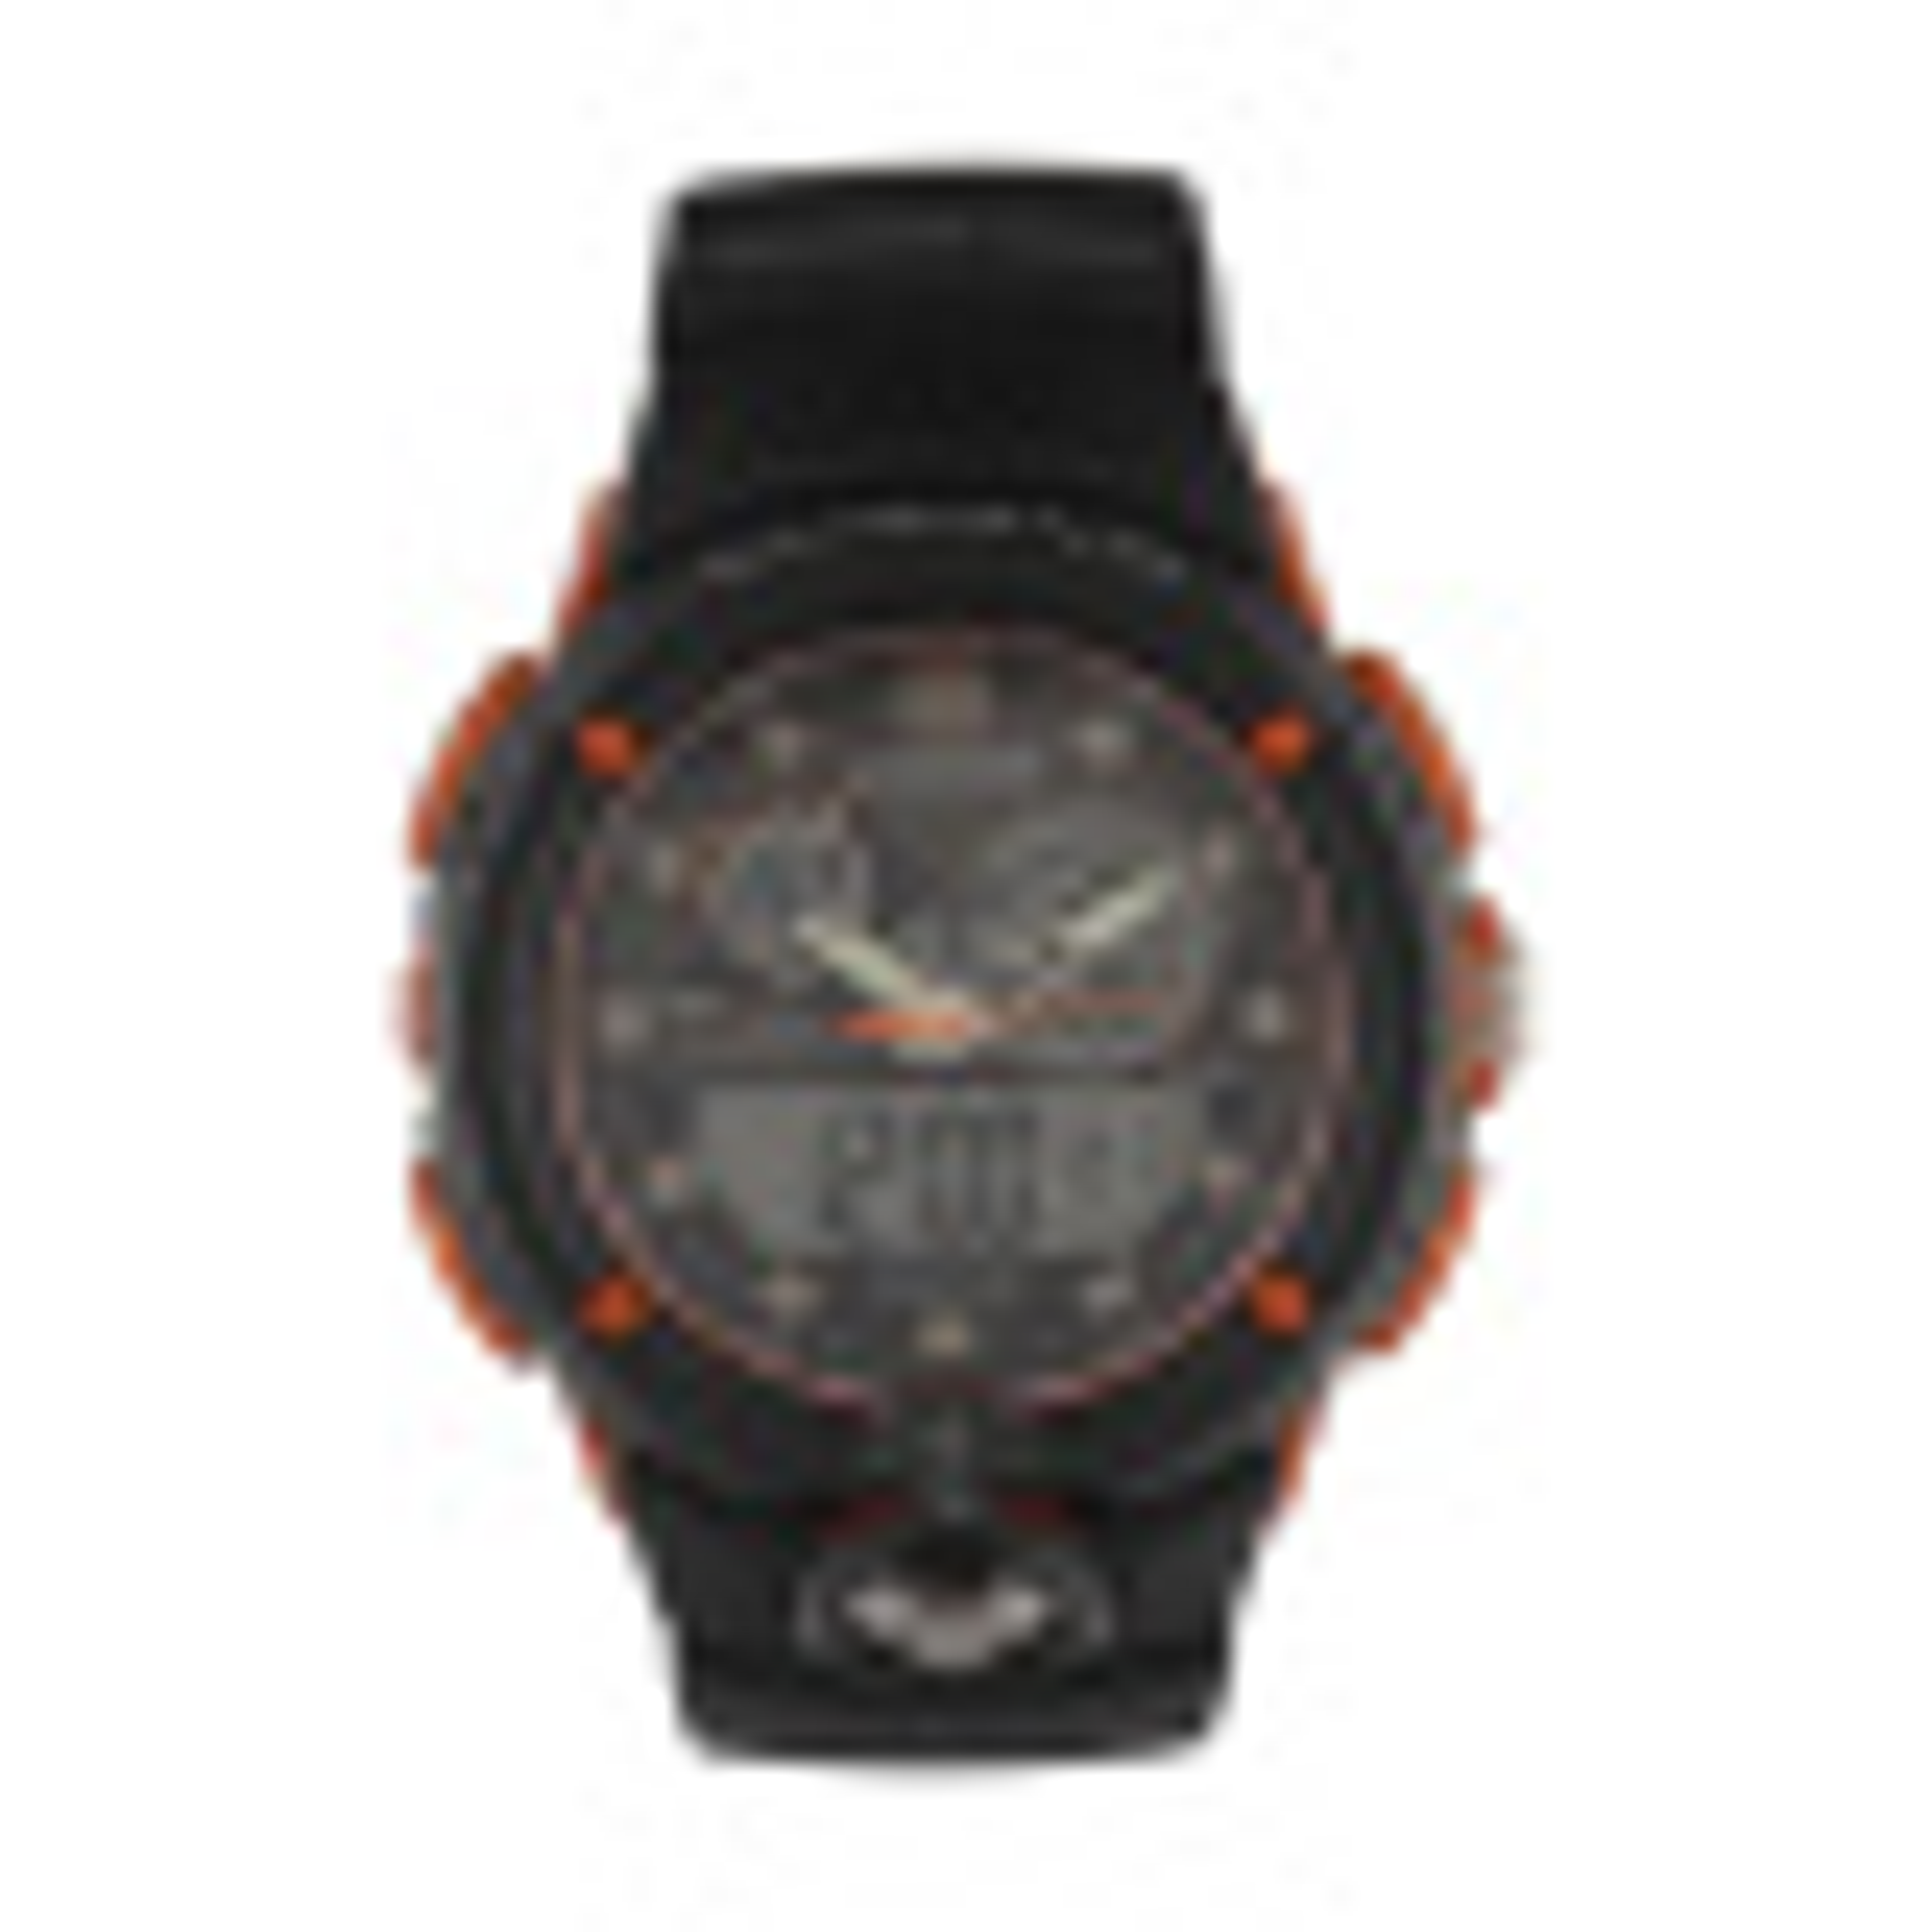 ساعت مچی دیجیتال مردانه لاروس مدل RT656 30